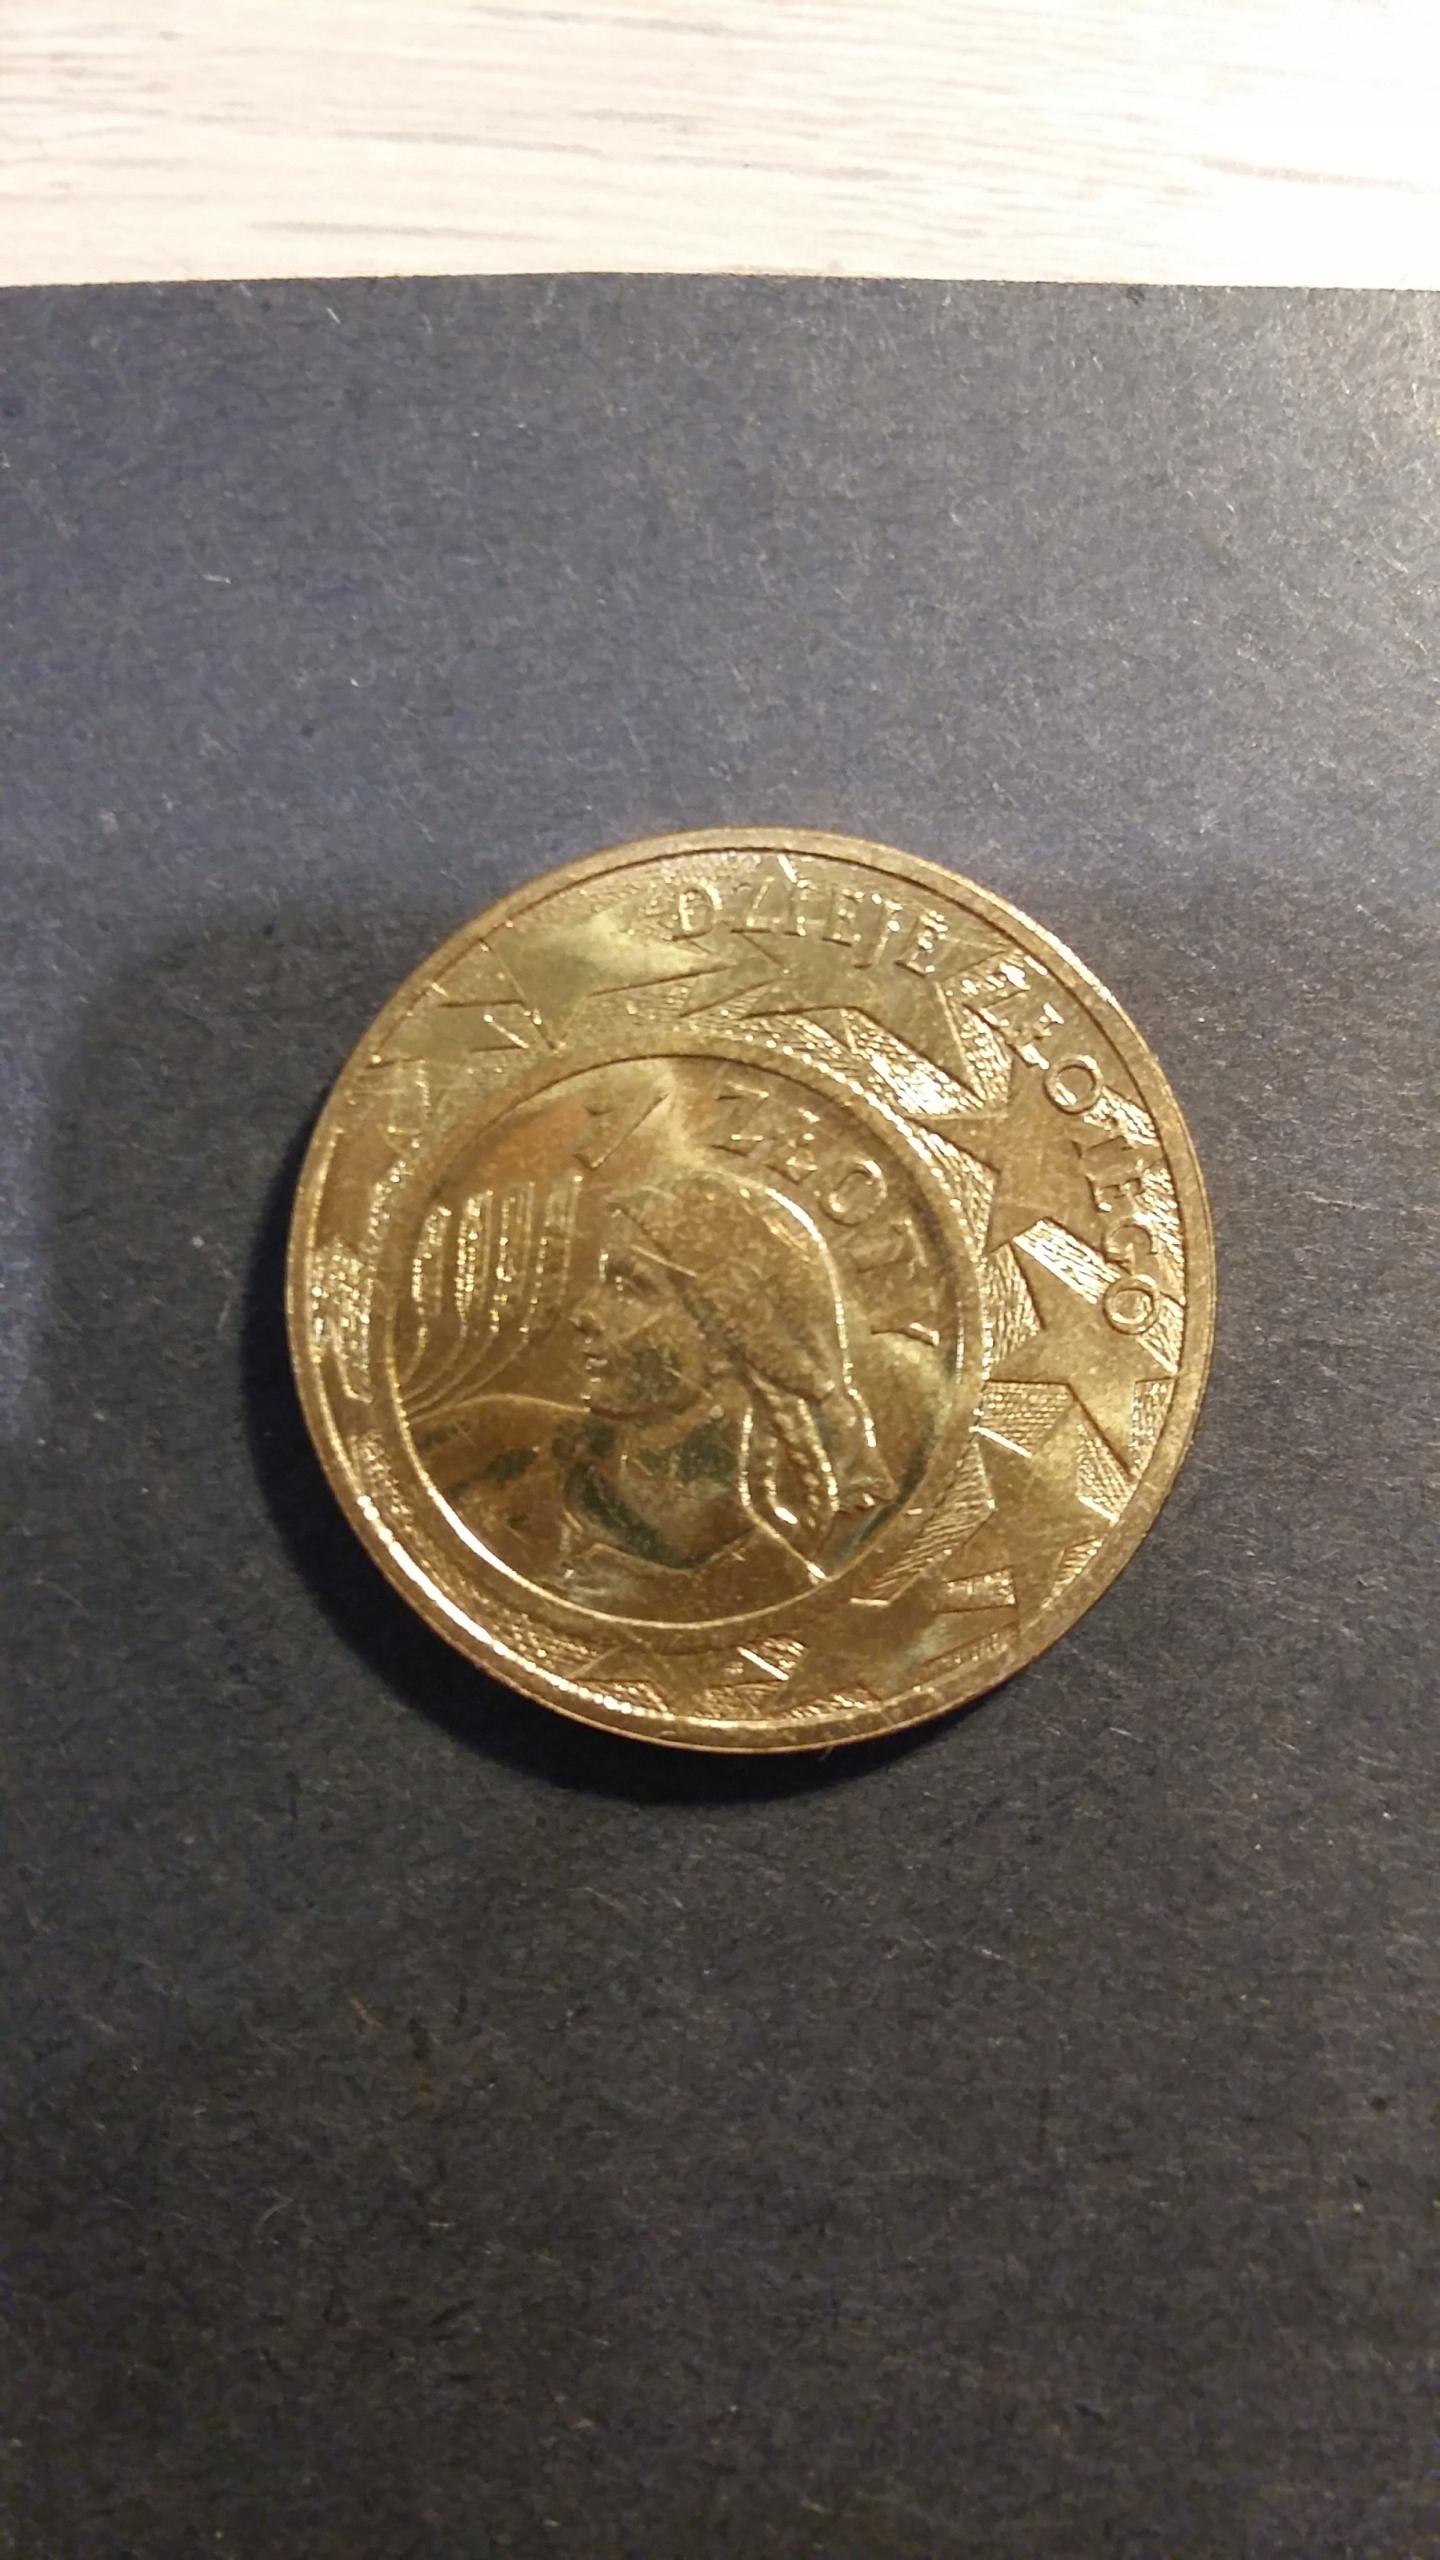 2 zł OKOLICZNOŚCIOWE - Dzieje złotego 2004